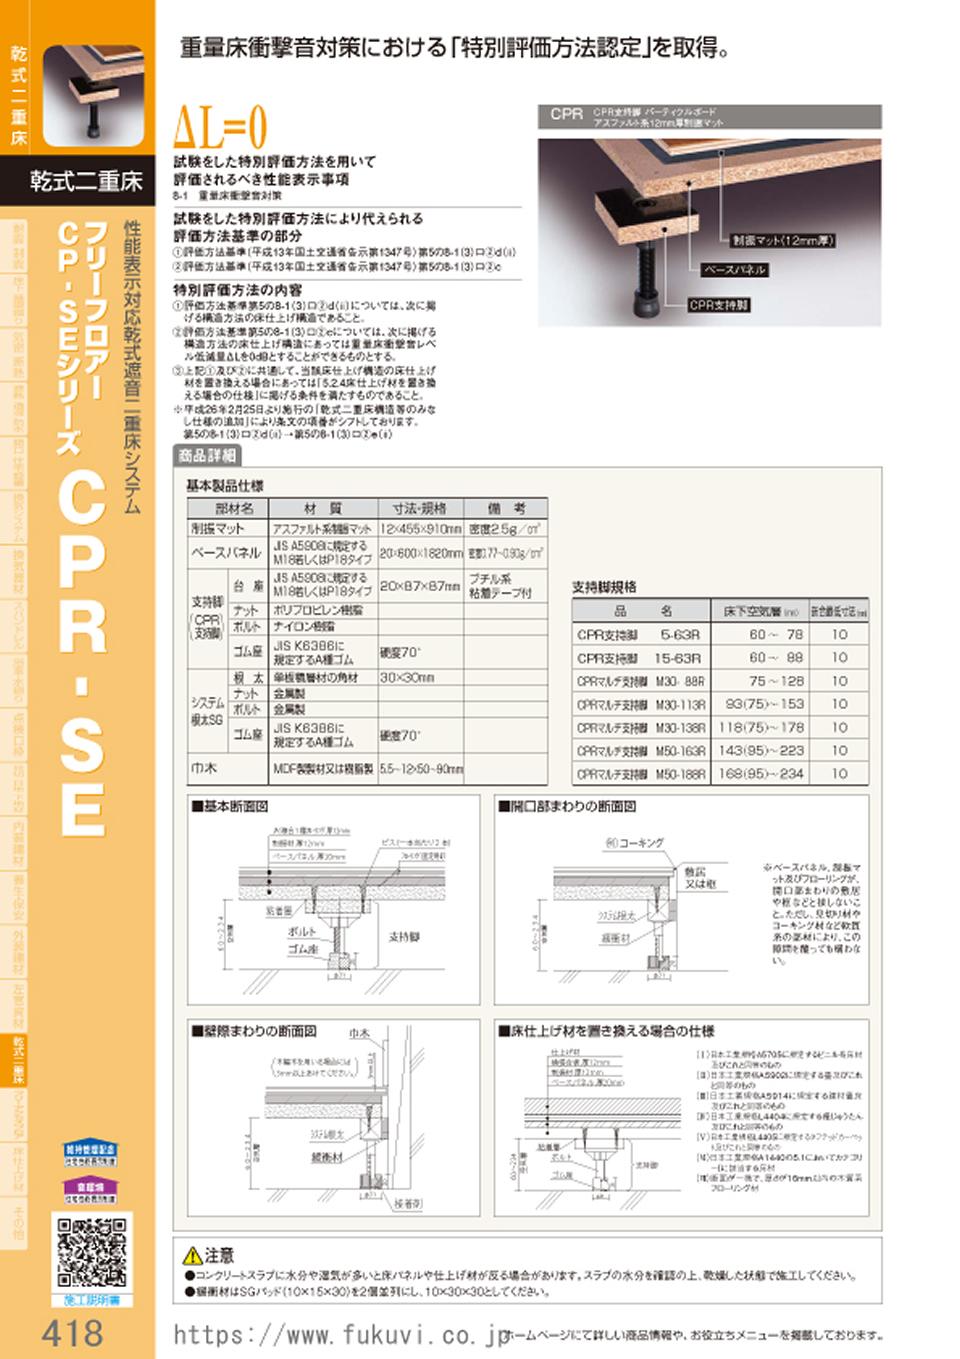 乾式二重床 性能表示対応乾式遮音二重床システム フリーフロアー CP-SEシリーズ CPR-SE